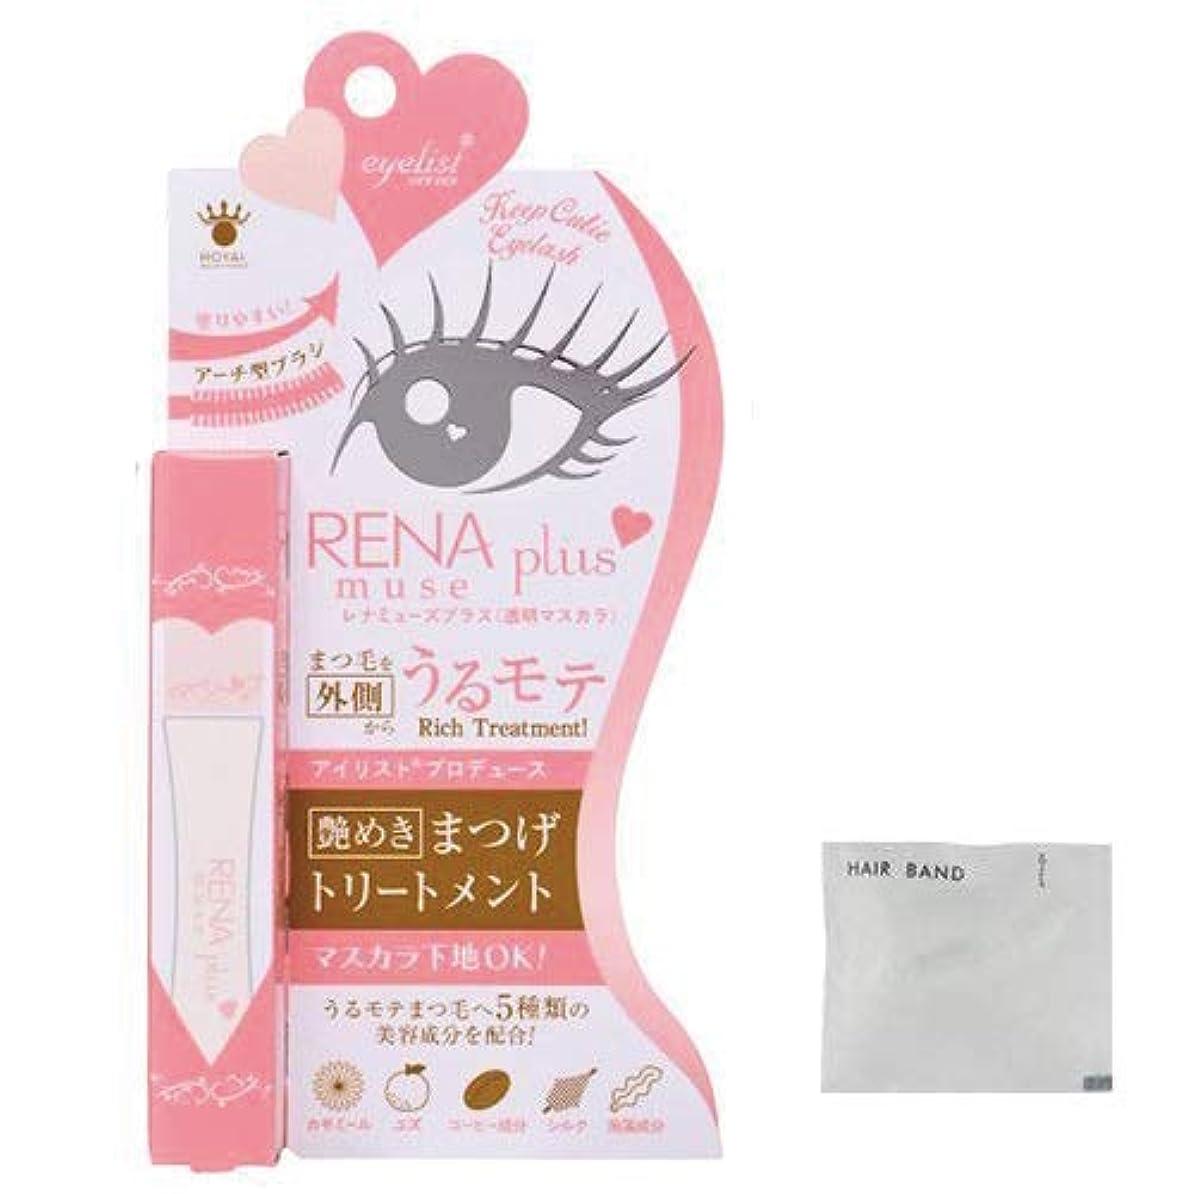 アイリスト(eyelist) RENA muse plus(レナミューズプラス) 8g + ヘアゴム(カラーはおまかせ)セット